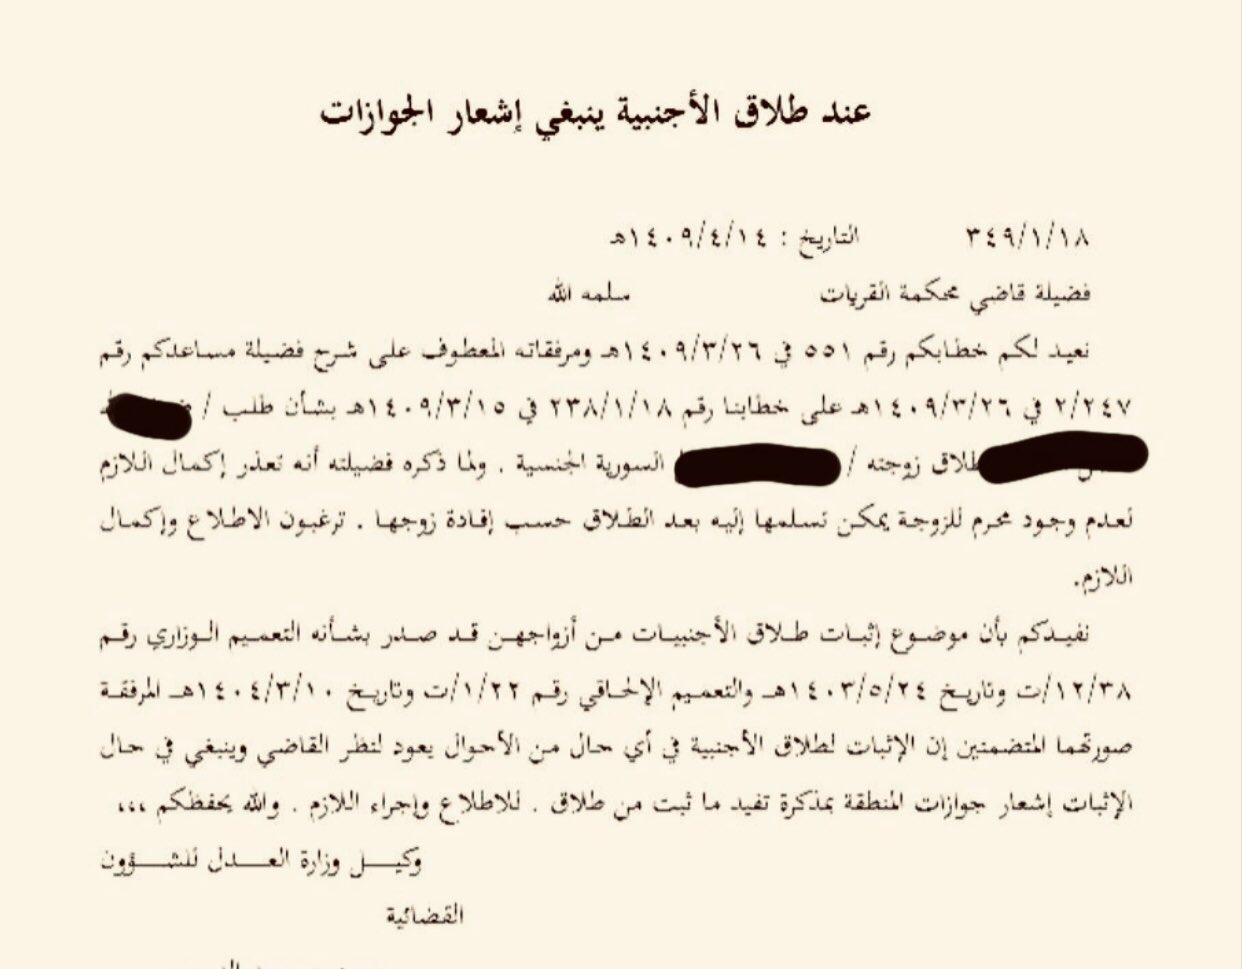 المحامي عبد الرحمن العبداللطيف Na Twitteri فتوى المفتي تغني عن اصدار صك طلاق اذا كان مثبتا طلاقها بموجبها في حال اثبات طلاق الأجنبية ينبغي اشعار الجوازات من حقوقك عند